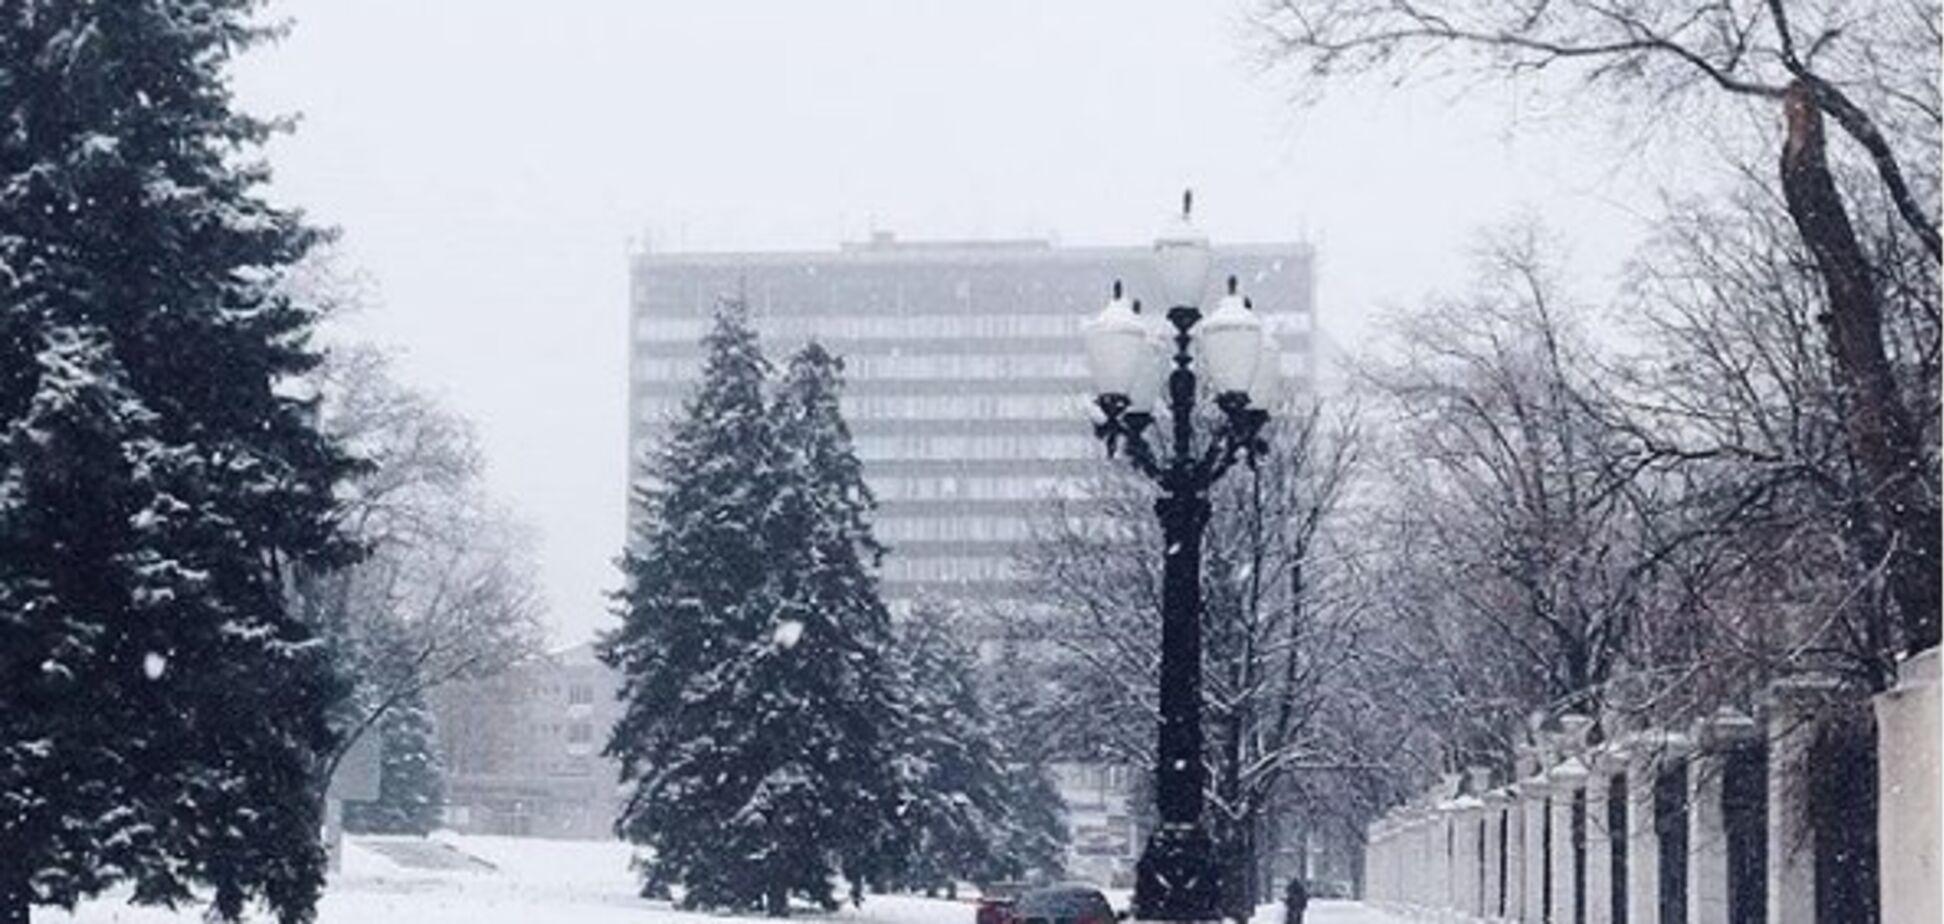 Снігопад у Дніпрі: в мережі з'явилися барвисті фото